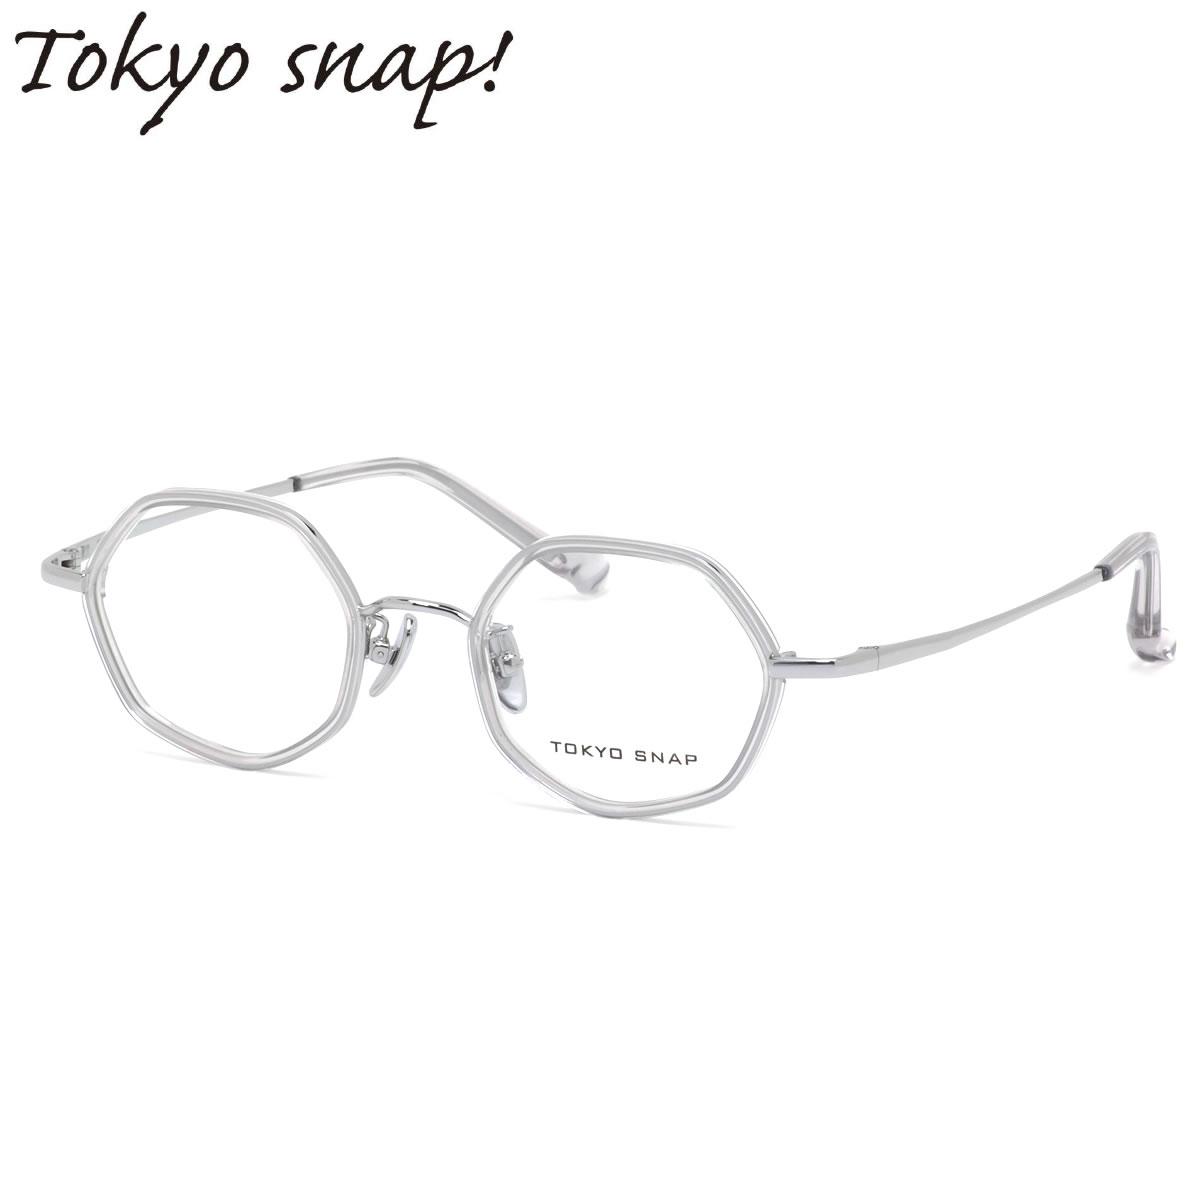 眼鏡・サングラス, 眼鏡  TSP-1045 07 45 TOKYO SNAP MADE IN JAPAN